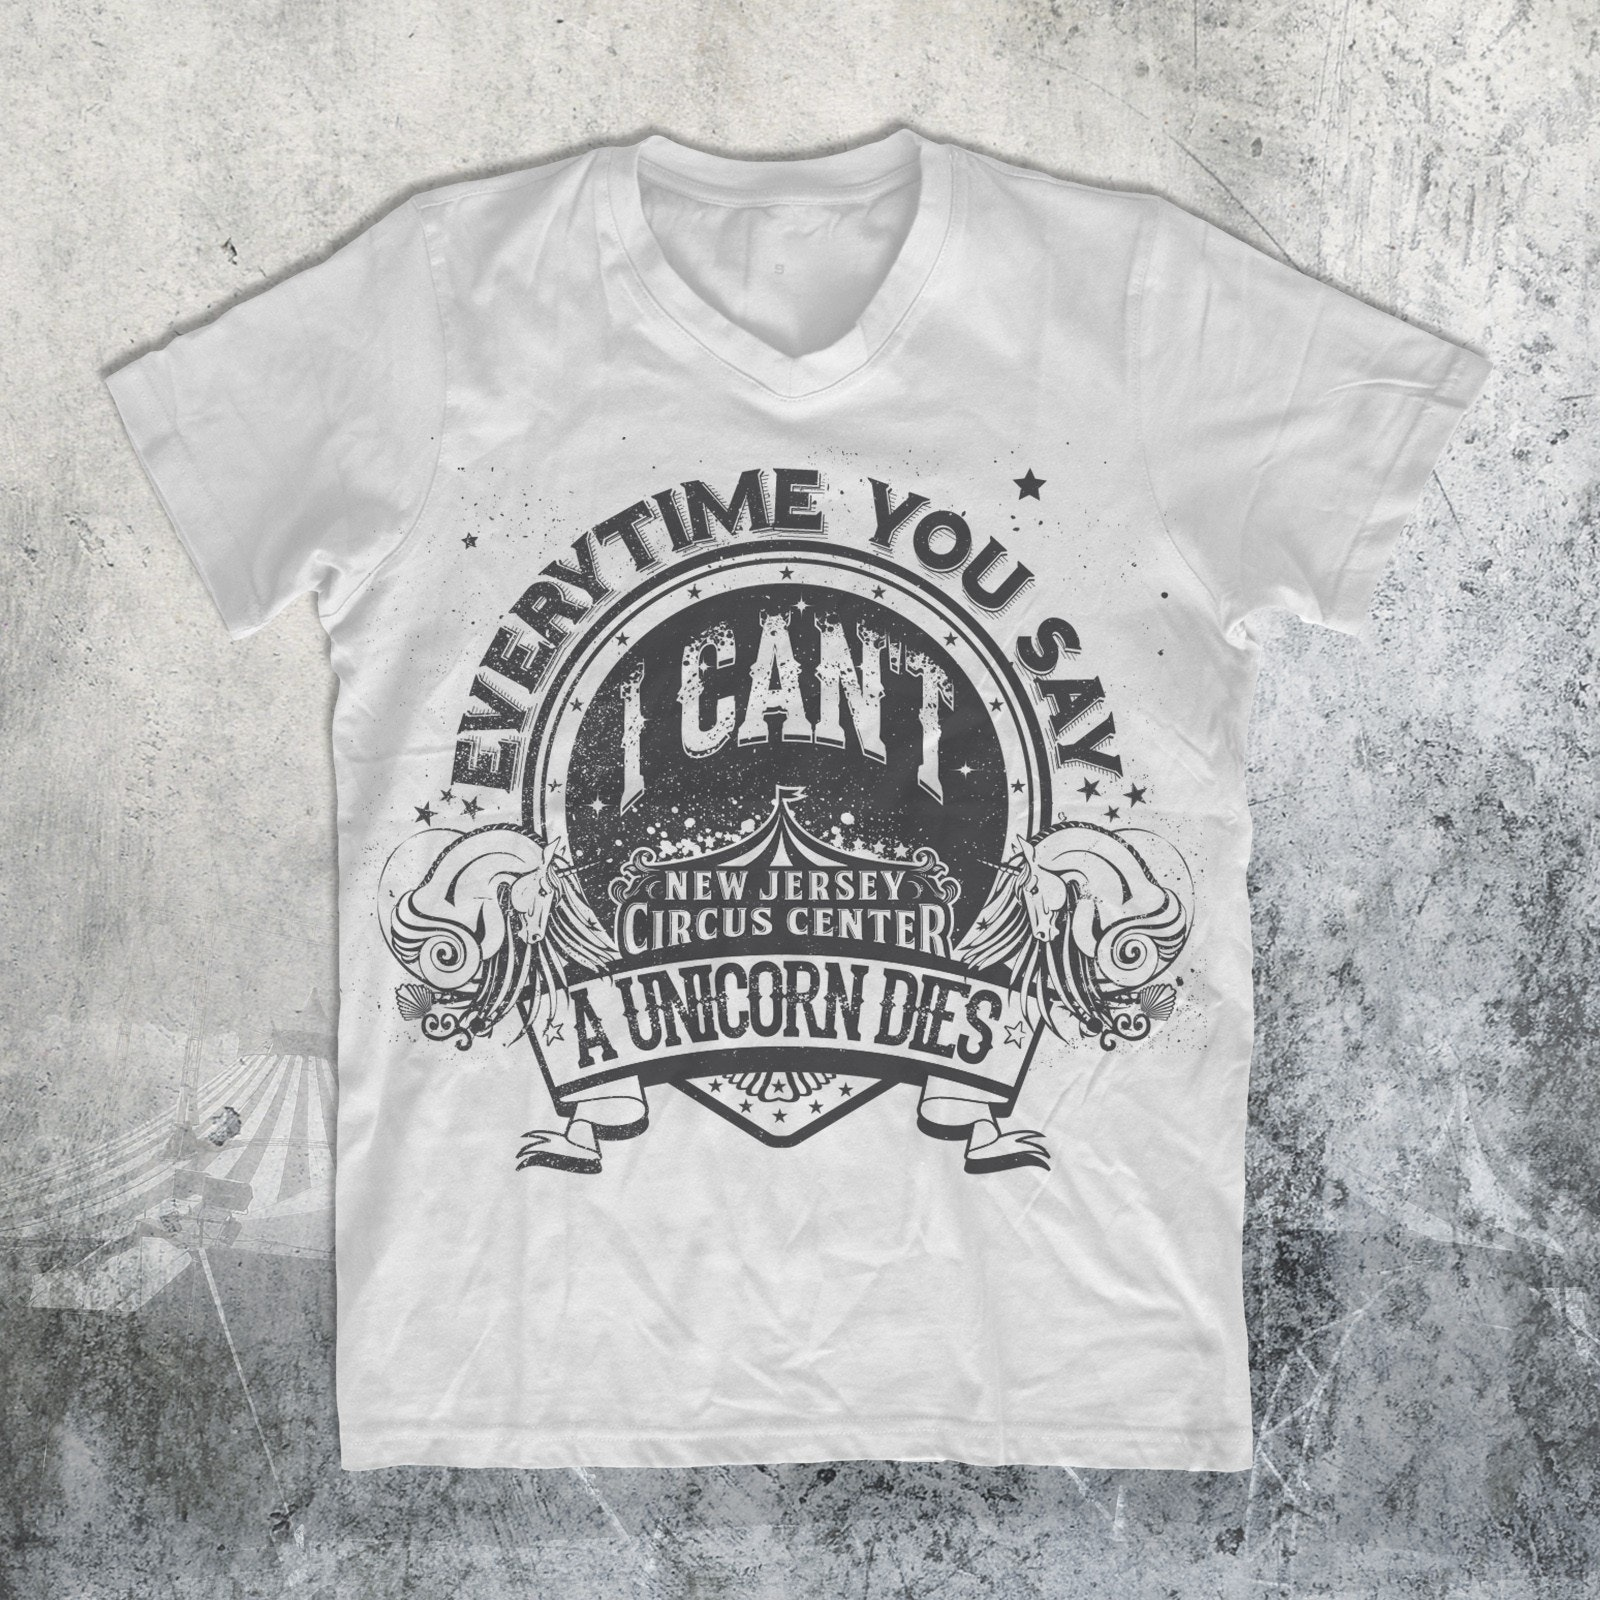 Clown T-shirt design